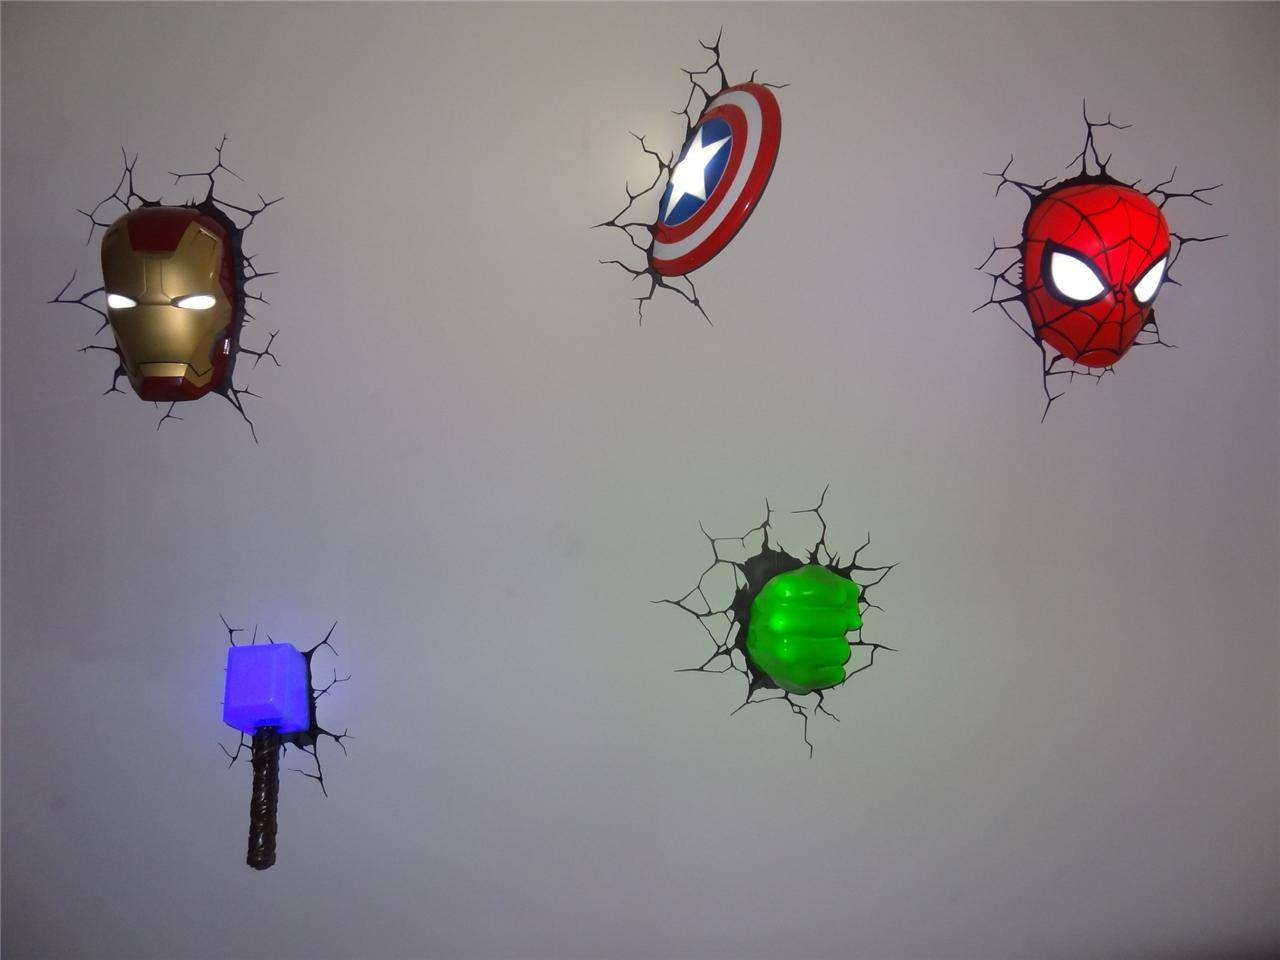 Thor Hammer 3D Wall Art Decor Night Light Lamp Uk | Wallartideas Within Current Thor Hammer 3D Wall Art (View 13 of 20)